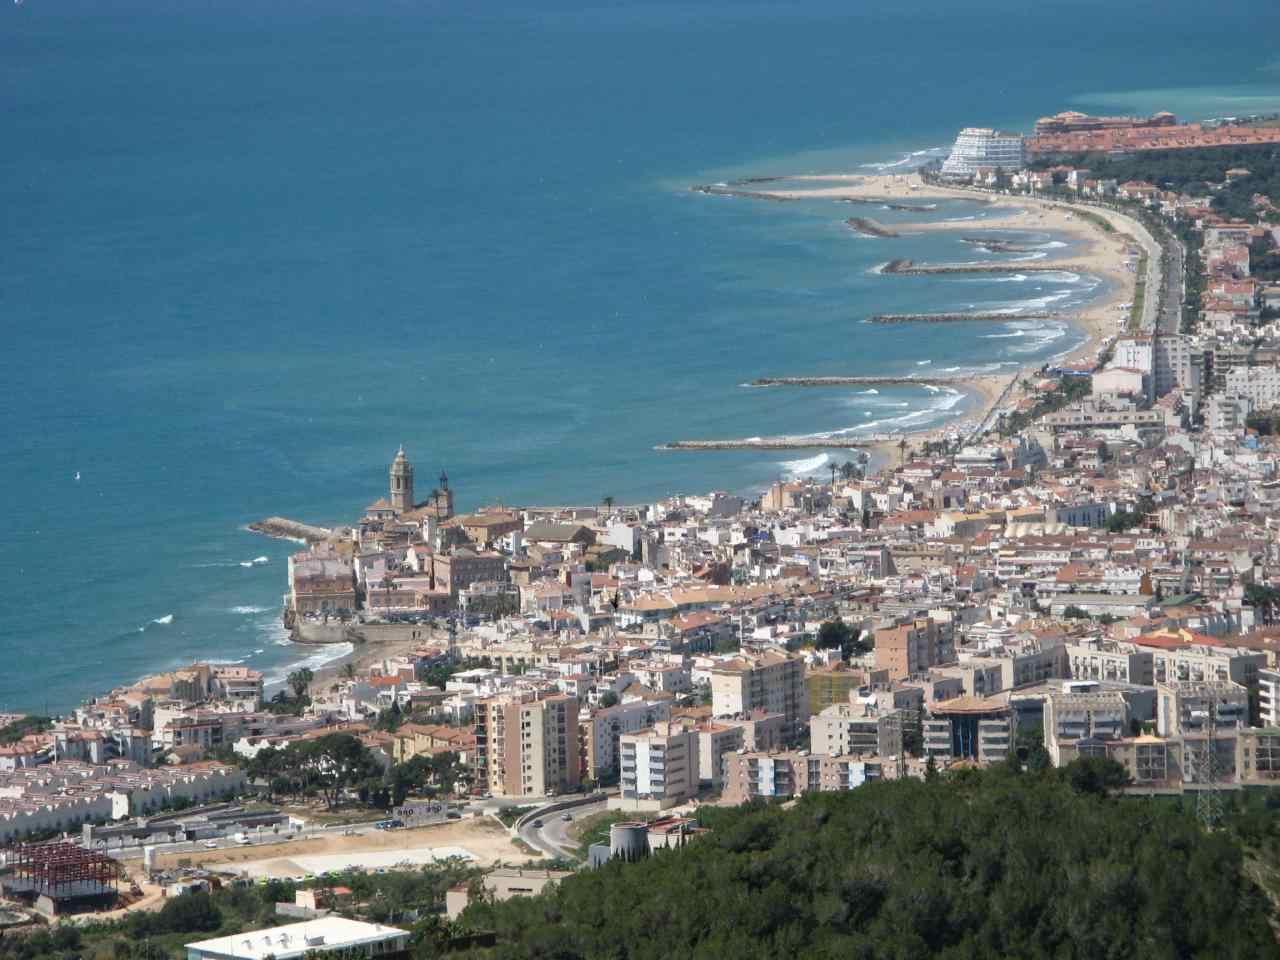 Alquiler vacaciones en Sitges, Barcelona